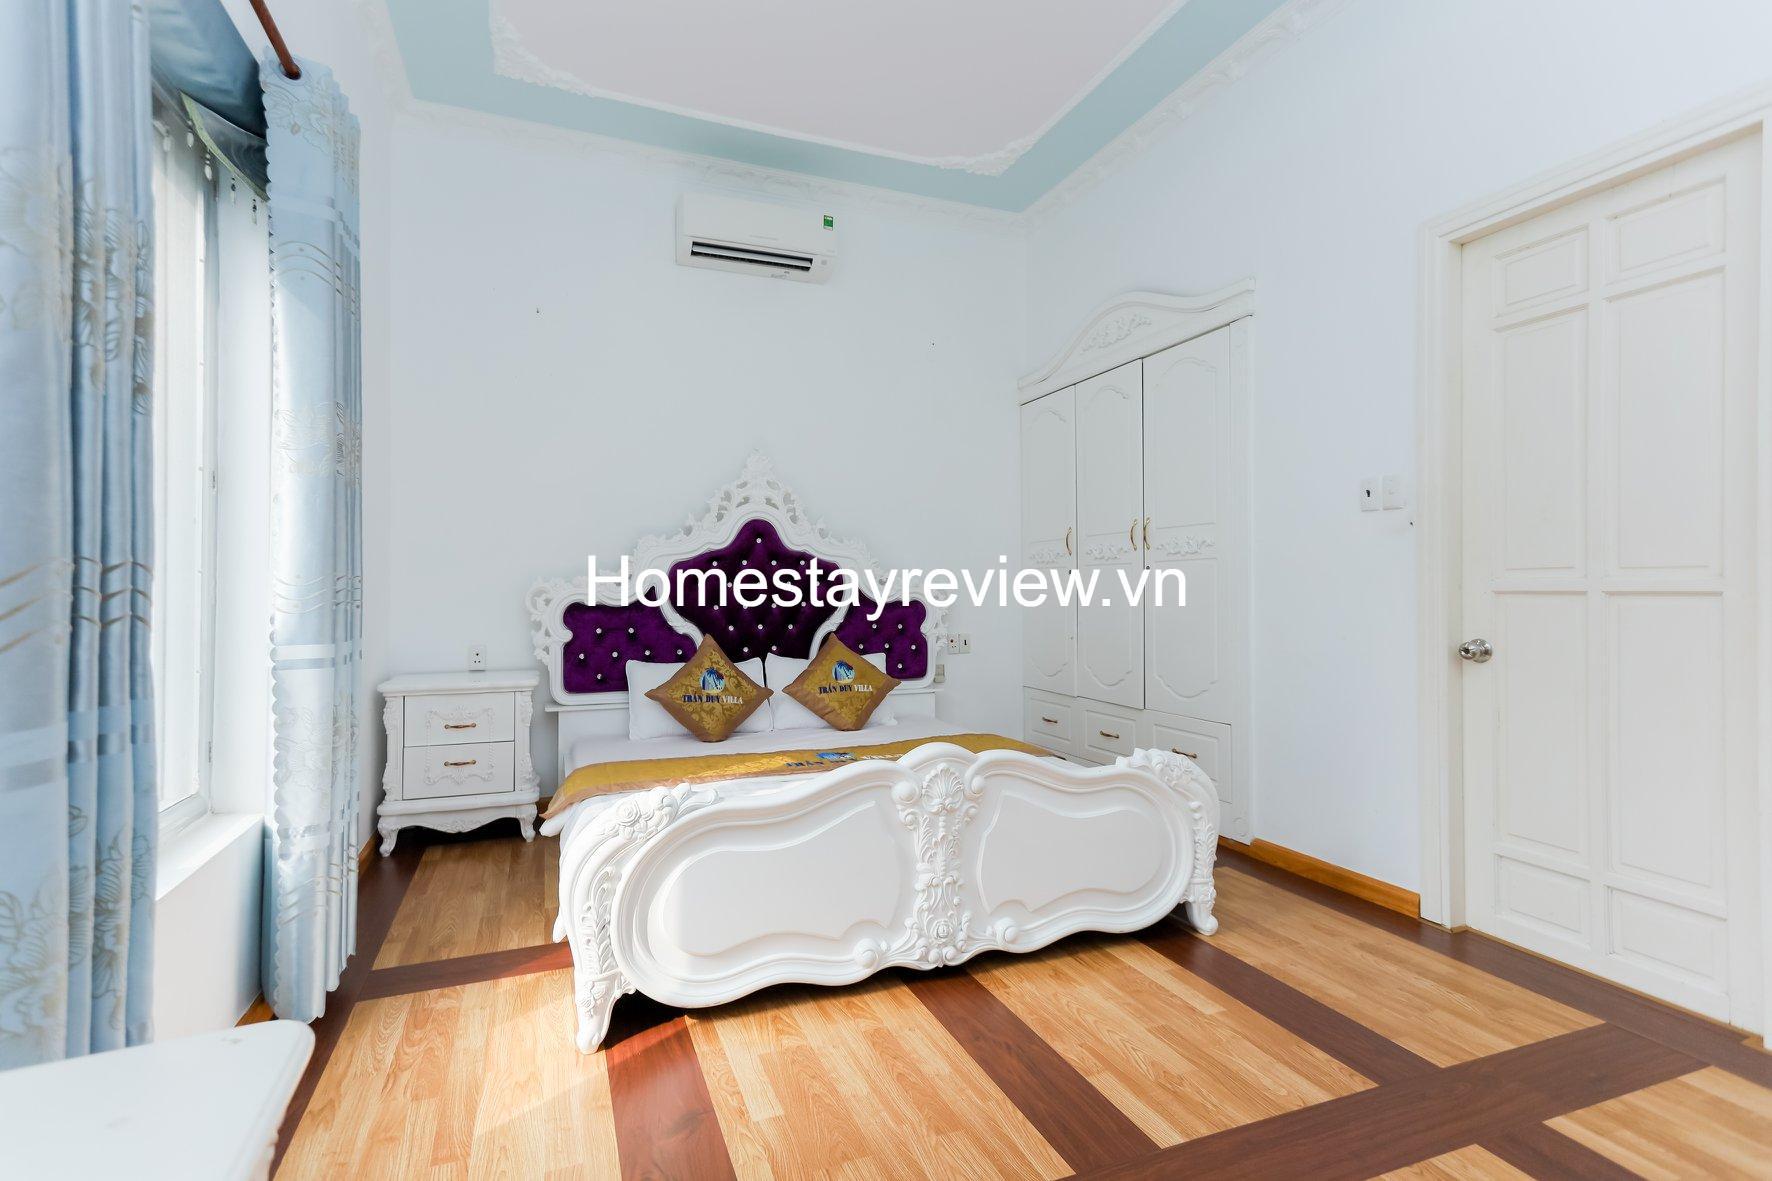 Top 30 Homestay Vũng Tàu giá rẻ view đẹp gần biển nguyên căn từ 500k